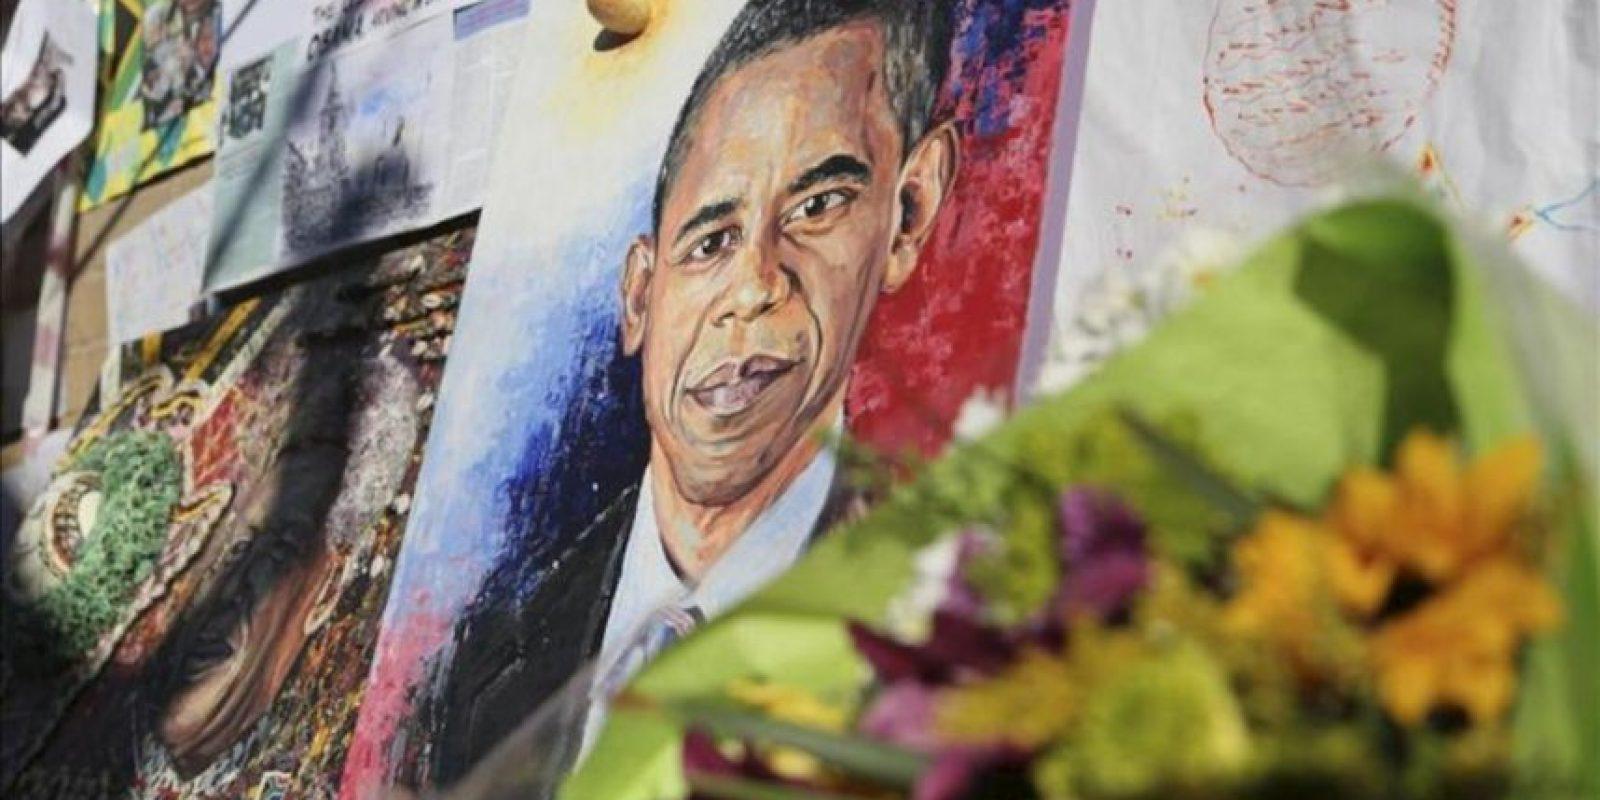 Un retrato del presidente de Estados Unidos, Barack Obama, ha sido colocado a las puertas del hospital donde se encuentra hospitalizado el expresidente Nelson Mandela en Pretoria (Sudáfrica). EFE